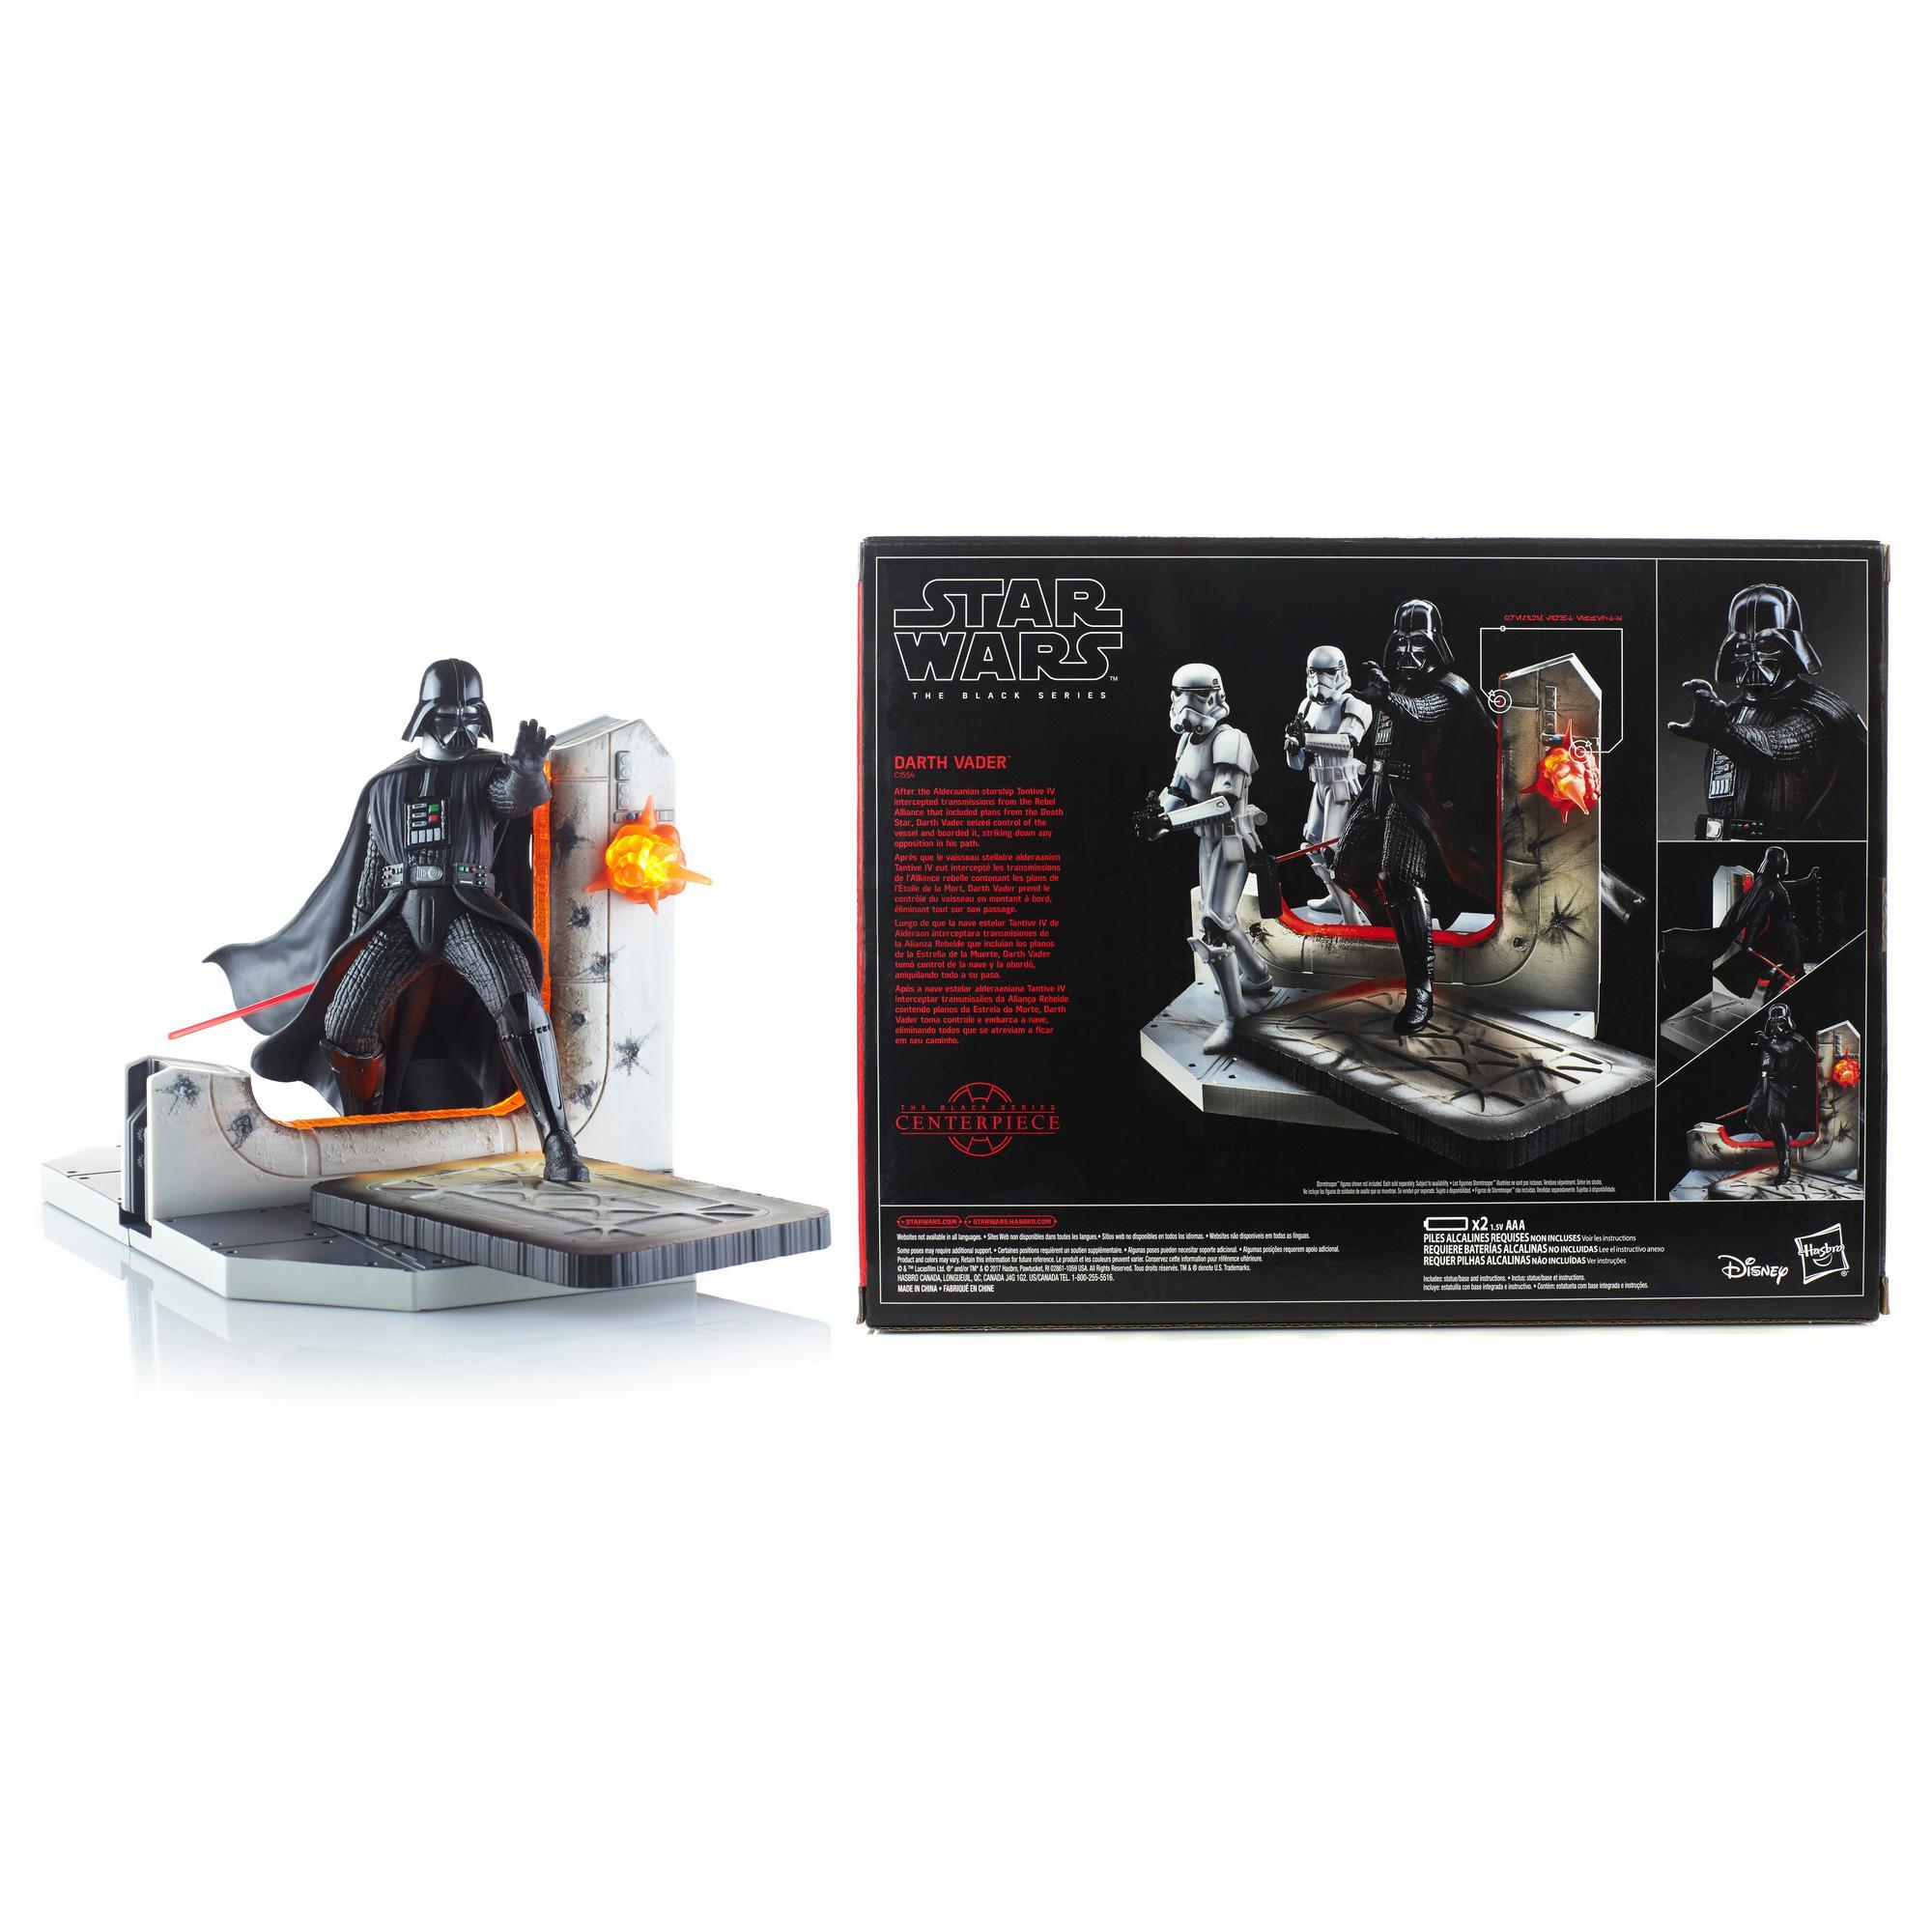 Star Wars Série noire - Pièce centrale Darth Vader